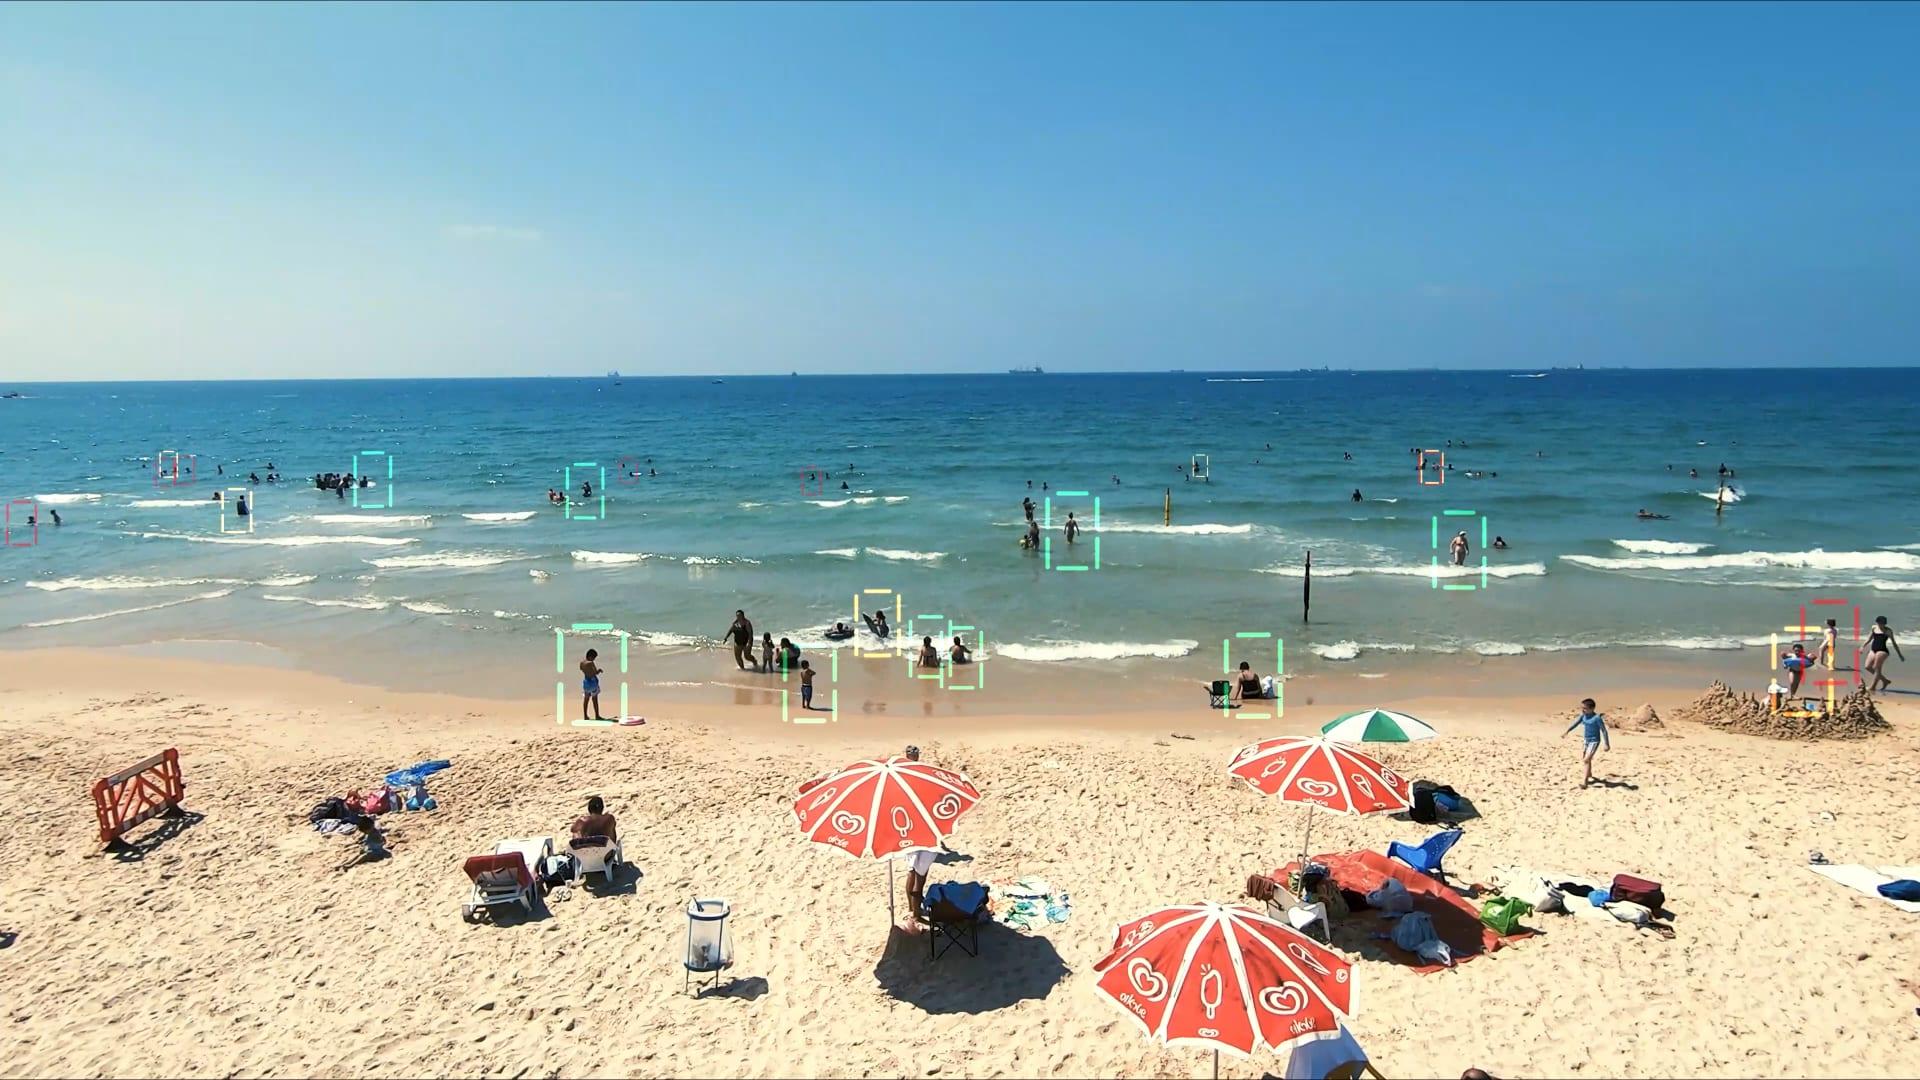 بهذه الخطوات.. يمكنك الذهاب إلى المسبح والشاطئ بأمان